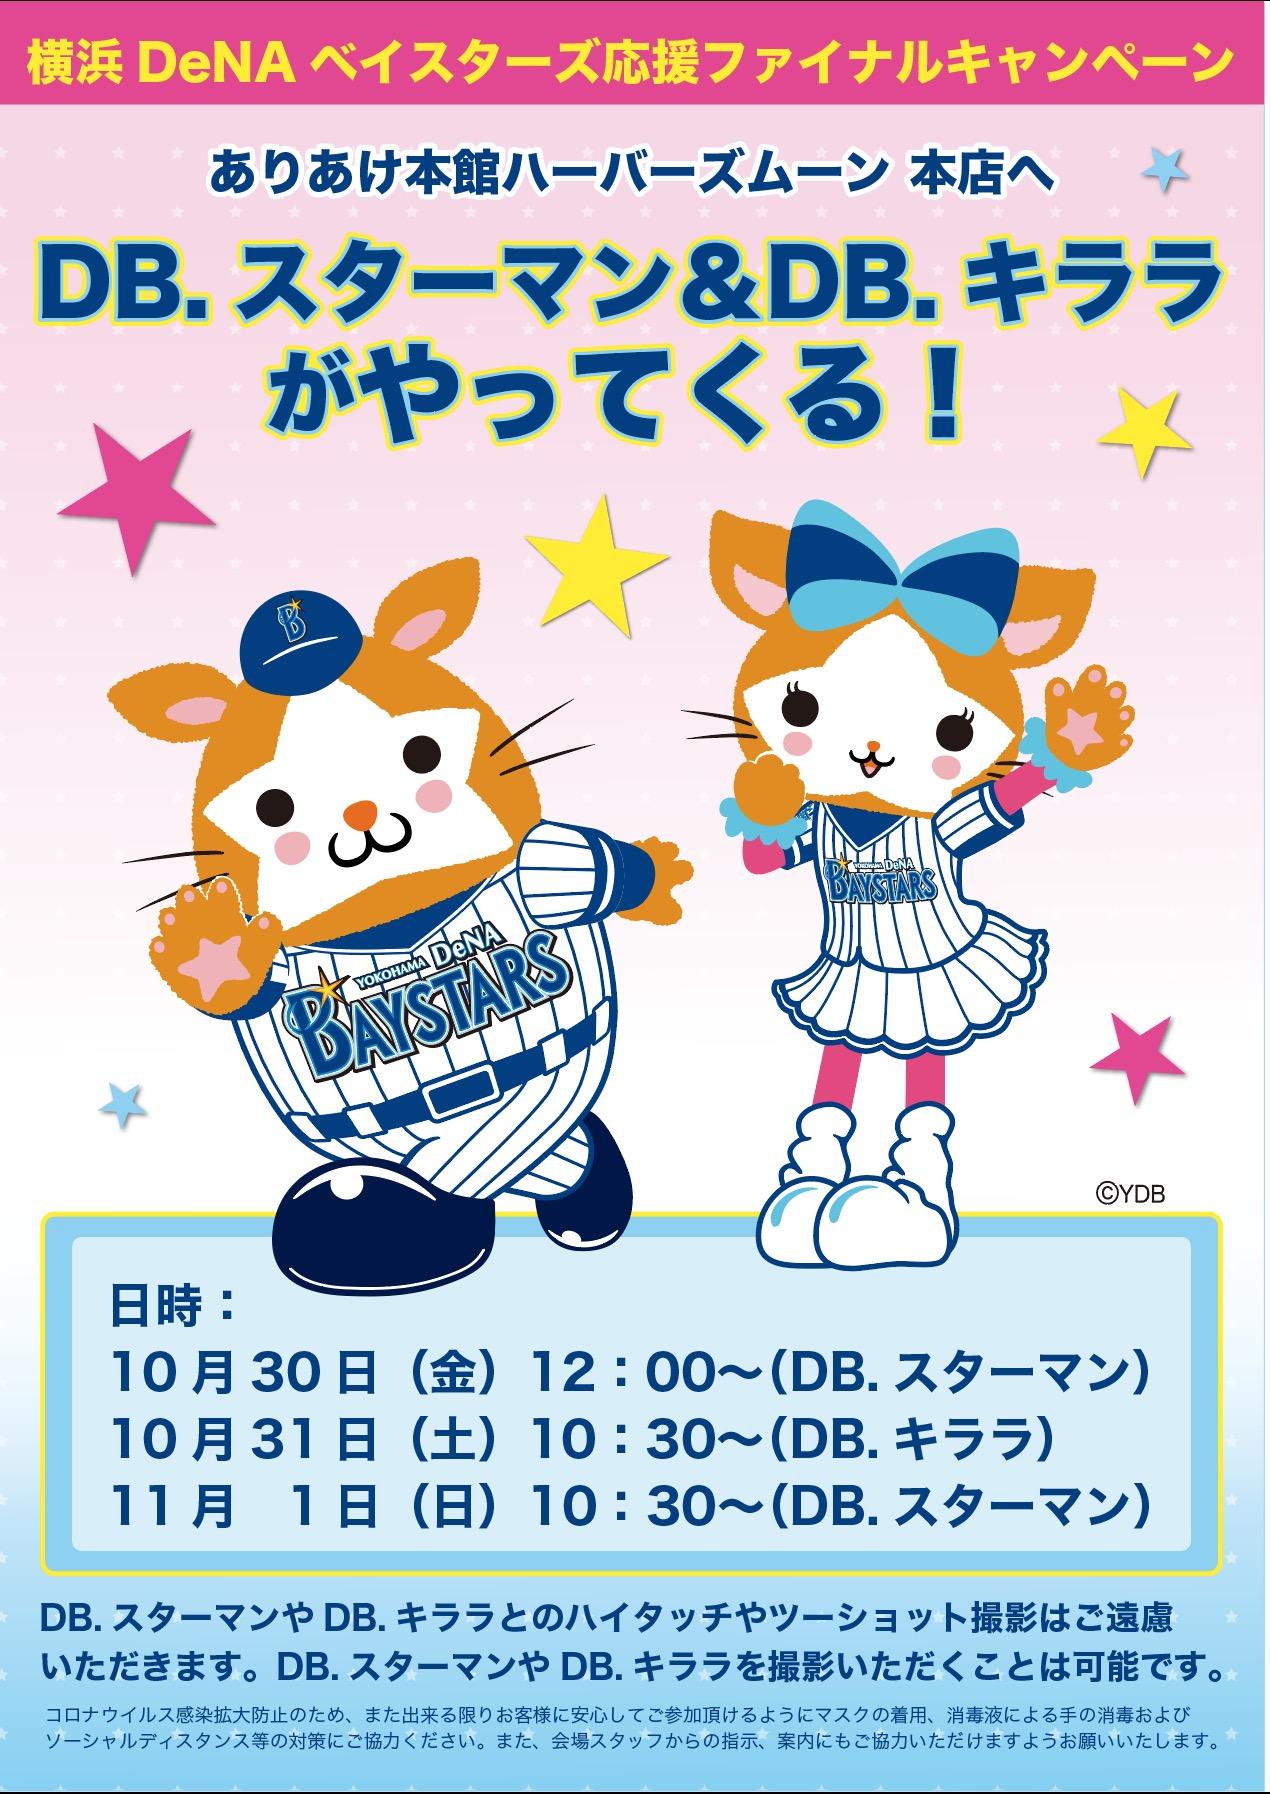 2020年10月30日 ありあけ本館ハーバーズムーン本店へ  DB.スターマン&DB.キララがやってくる!